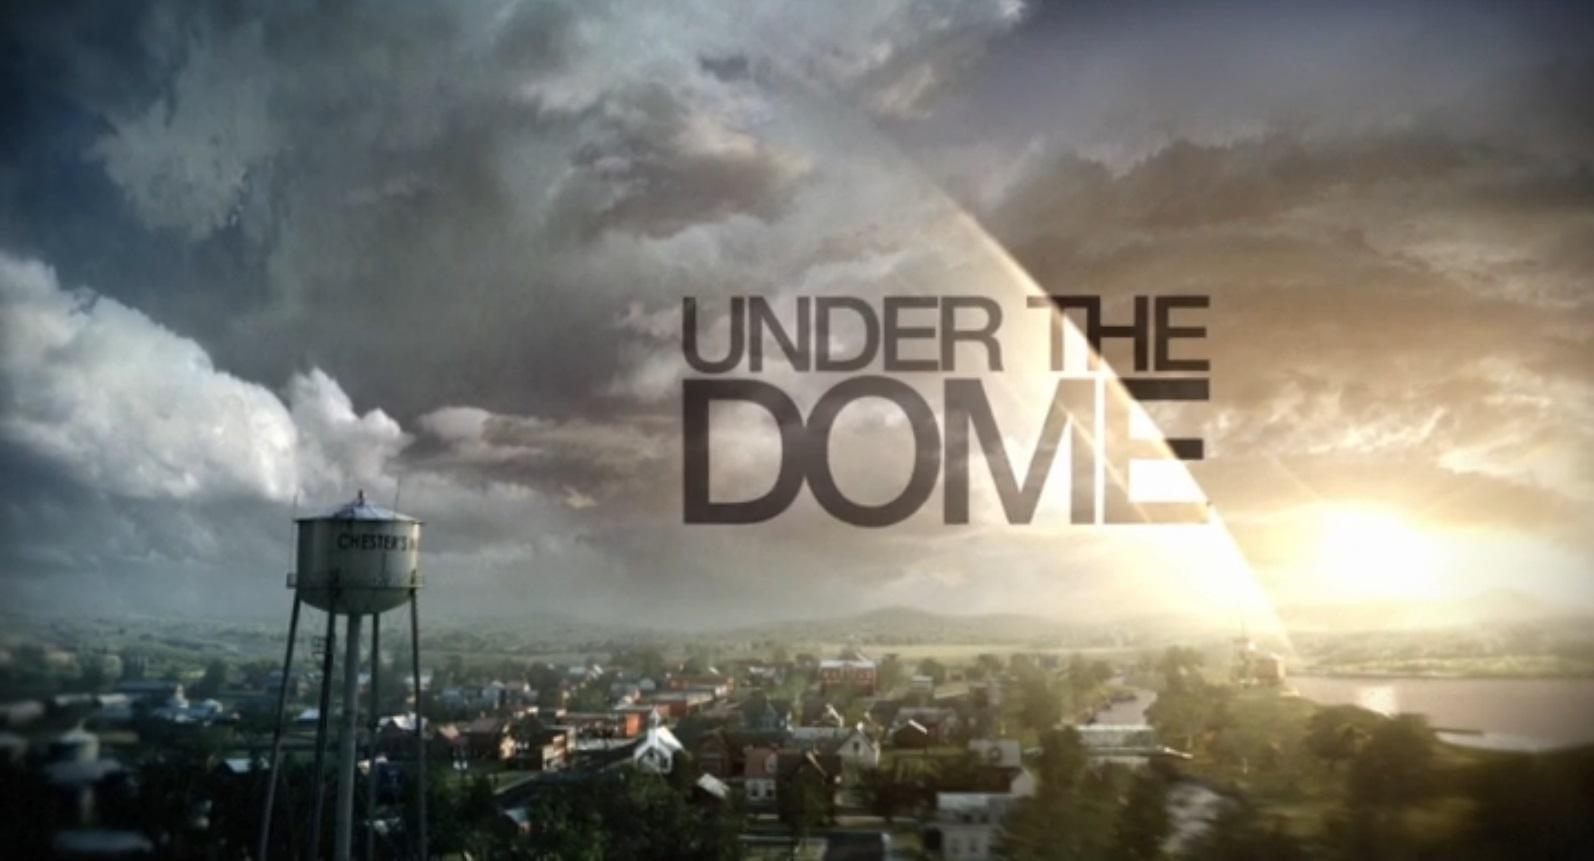 Tv Shows Over The World: Under wie bwin Werke Arbeiten für bwin the Dome Season 1, Episode 8 2013